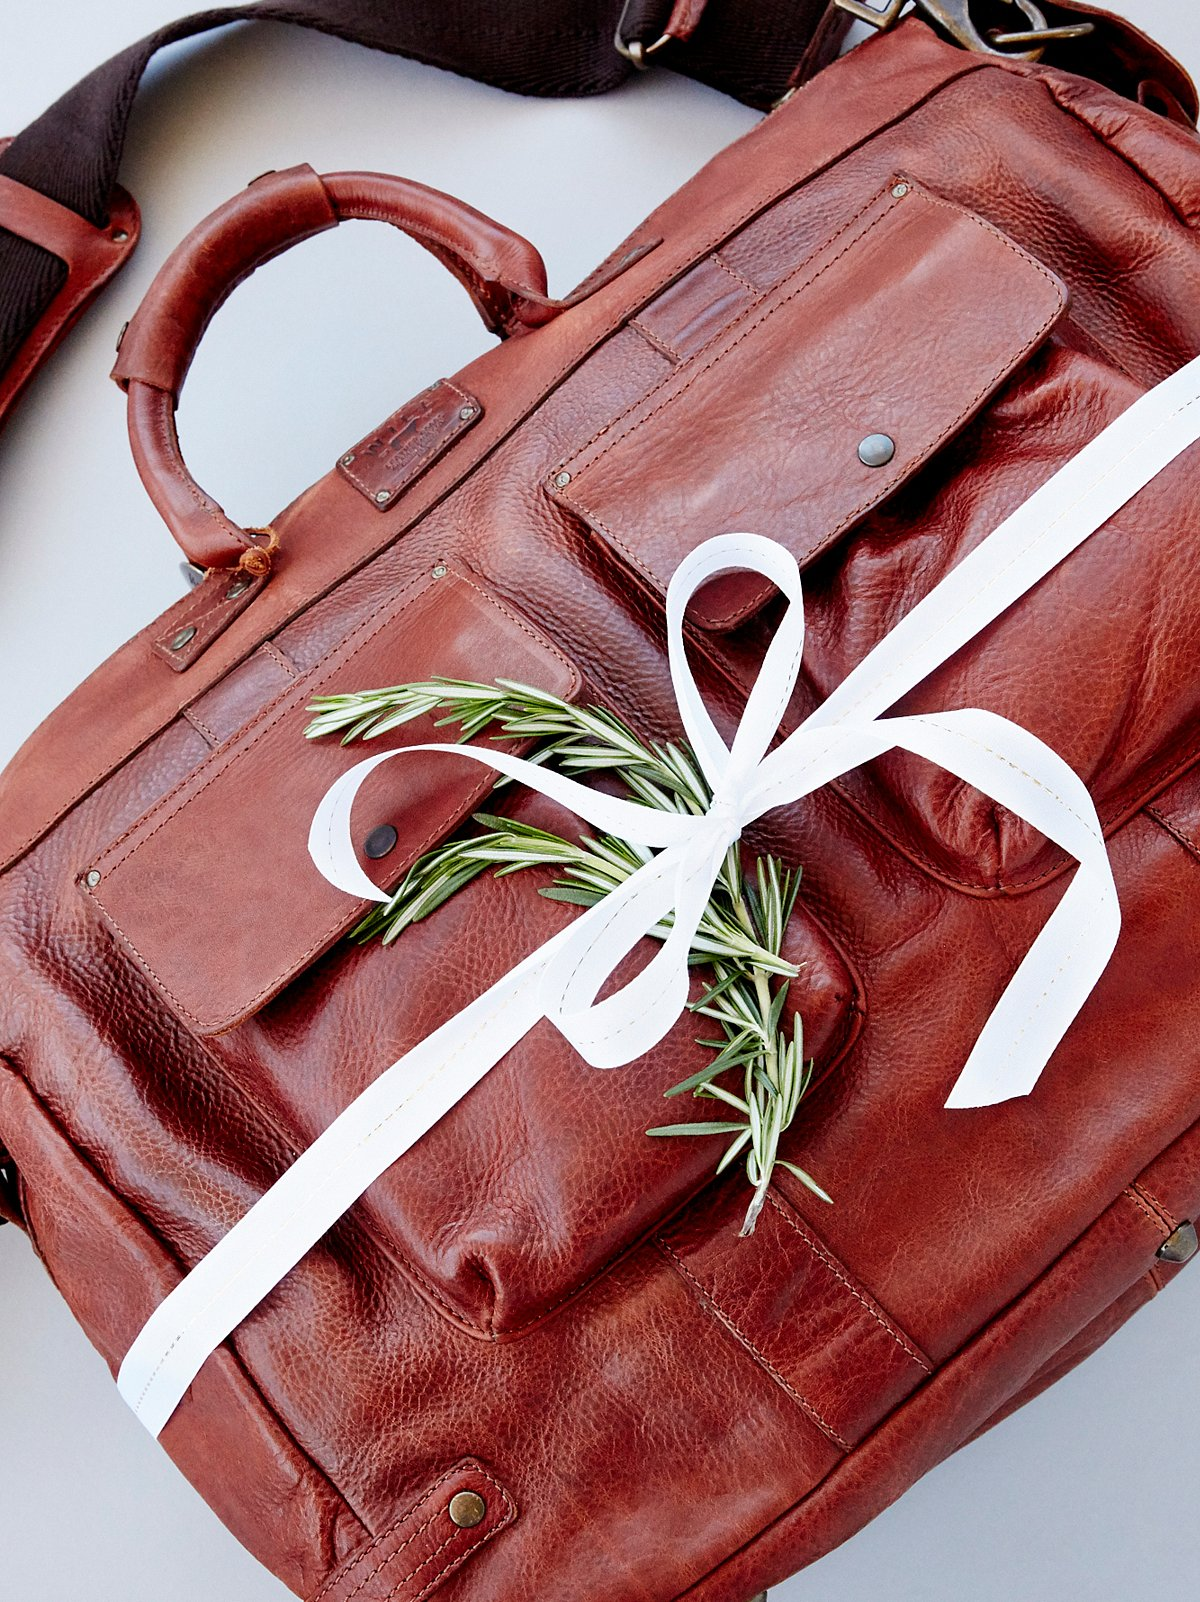 皮革旅行包和枕头套装